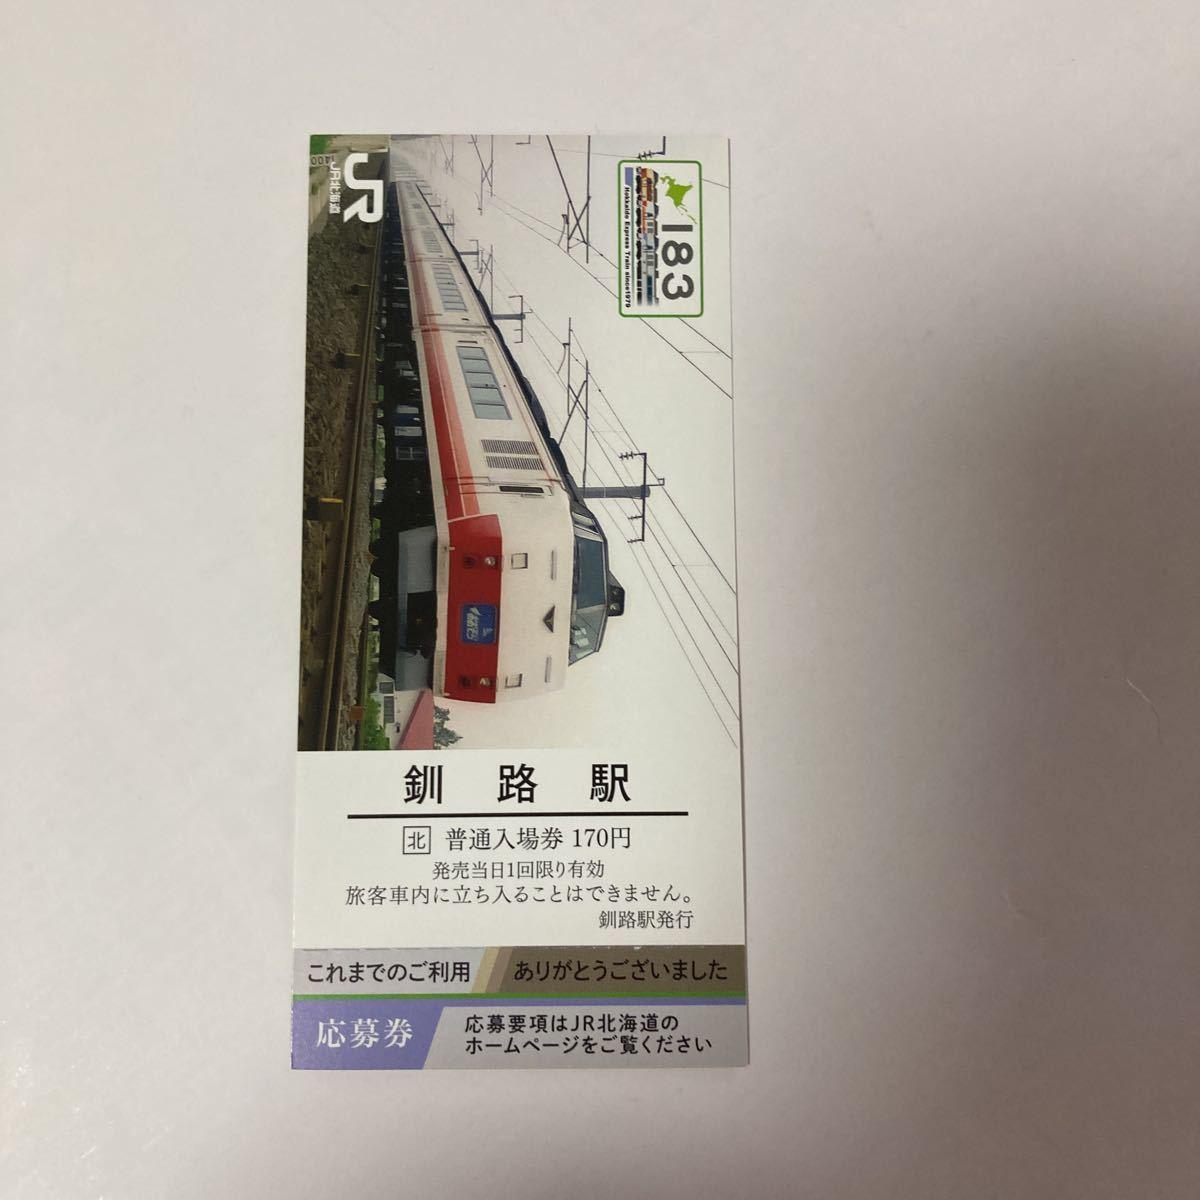 キハ183系 記念入場券 【 釧路駅 】 応募券付 JR 北海道 くしろ_画像1